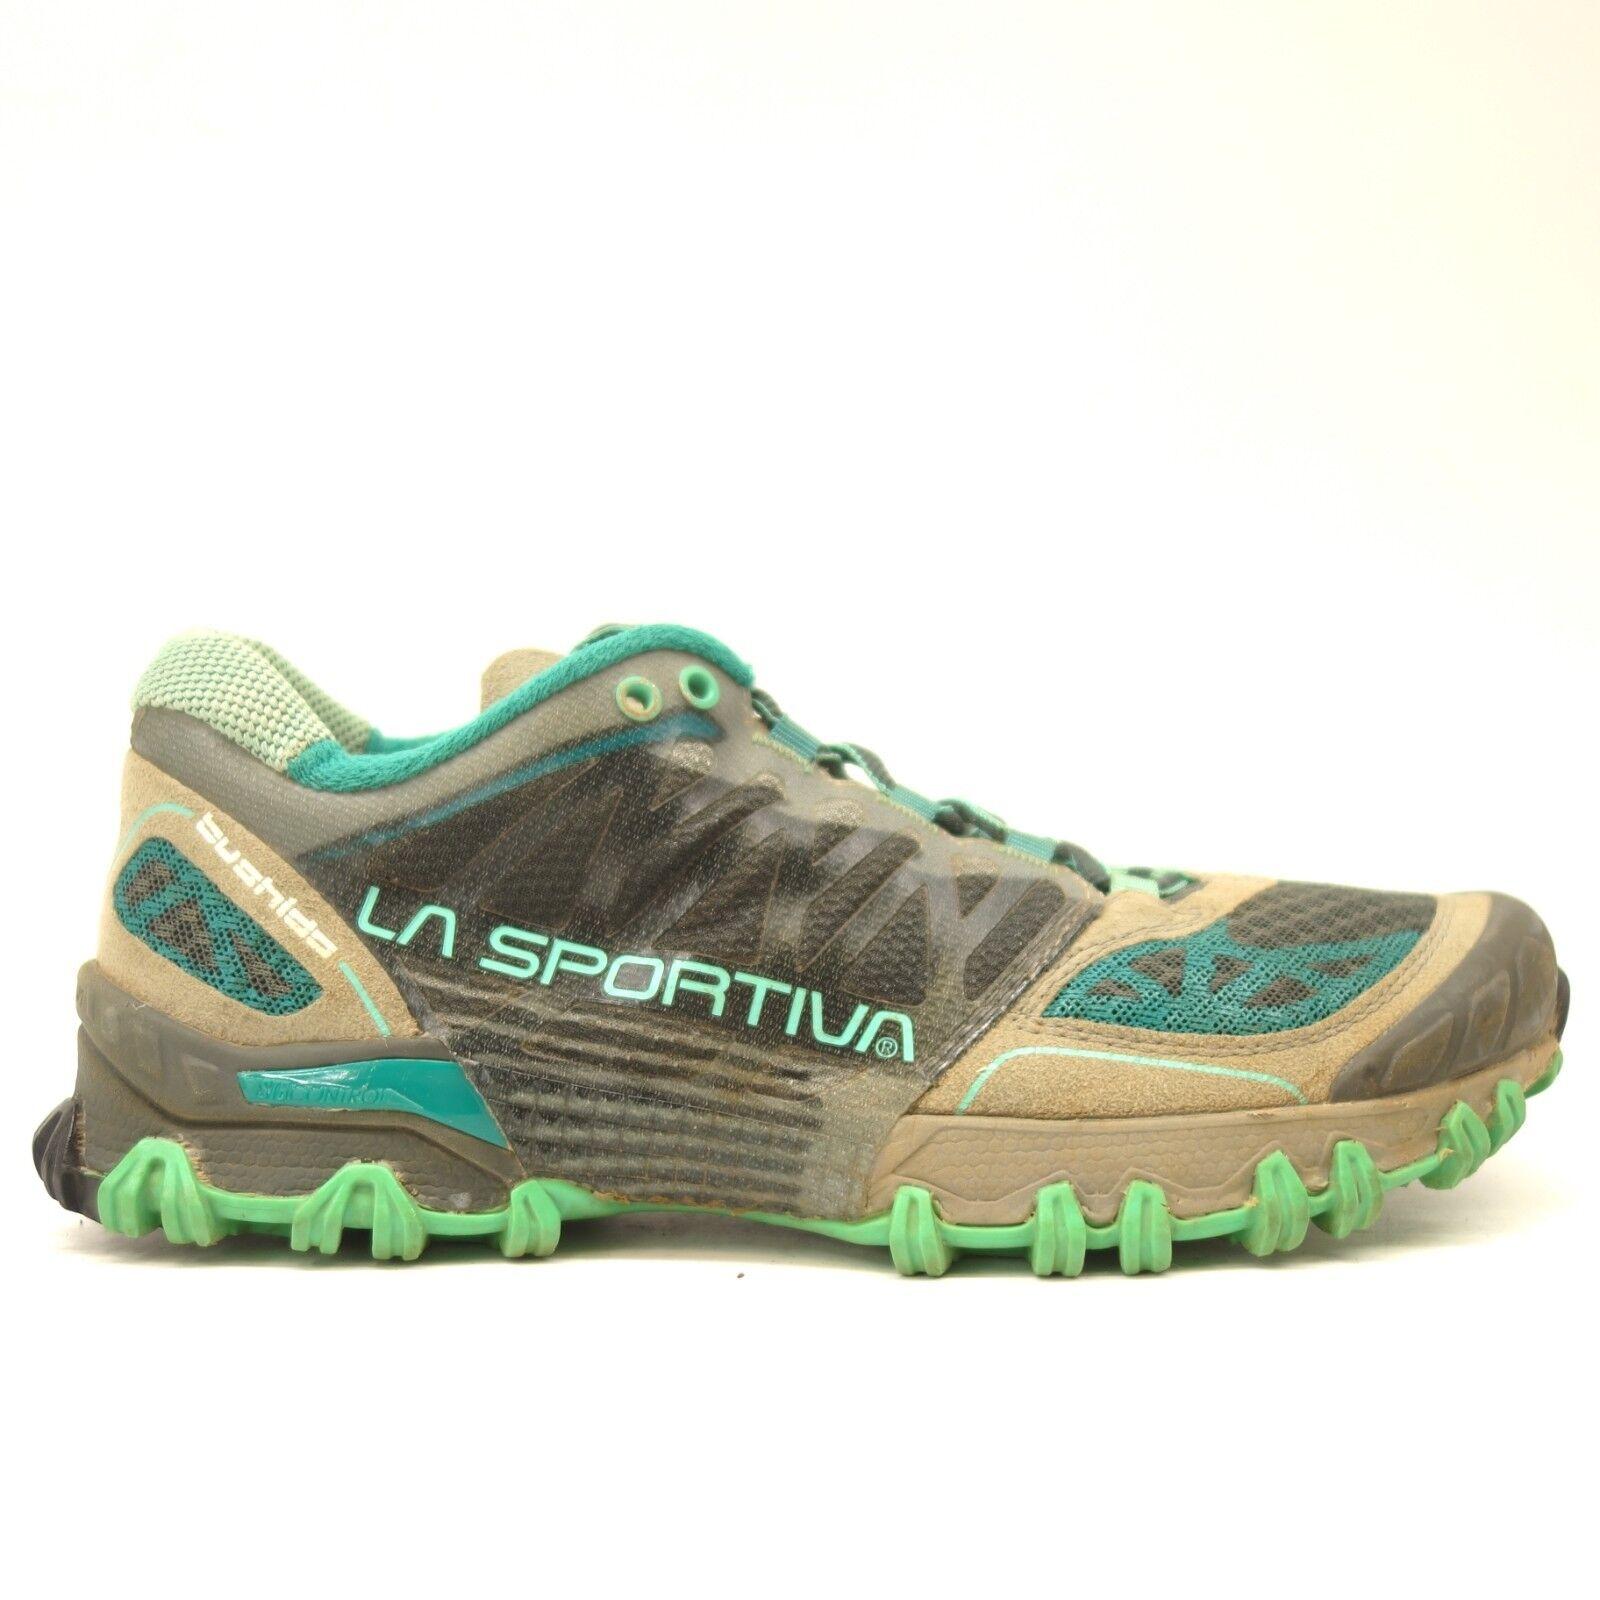 La Sportiva Mujer Bushido Trail Running Zapatos Atléticos Al Aire Libre gris de EE. UU.